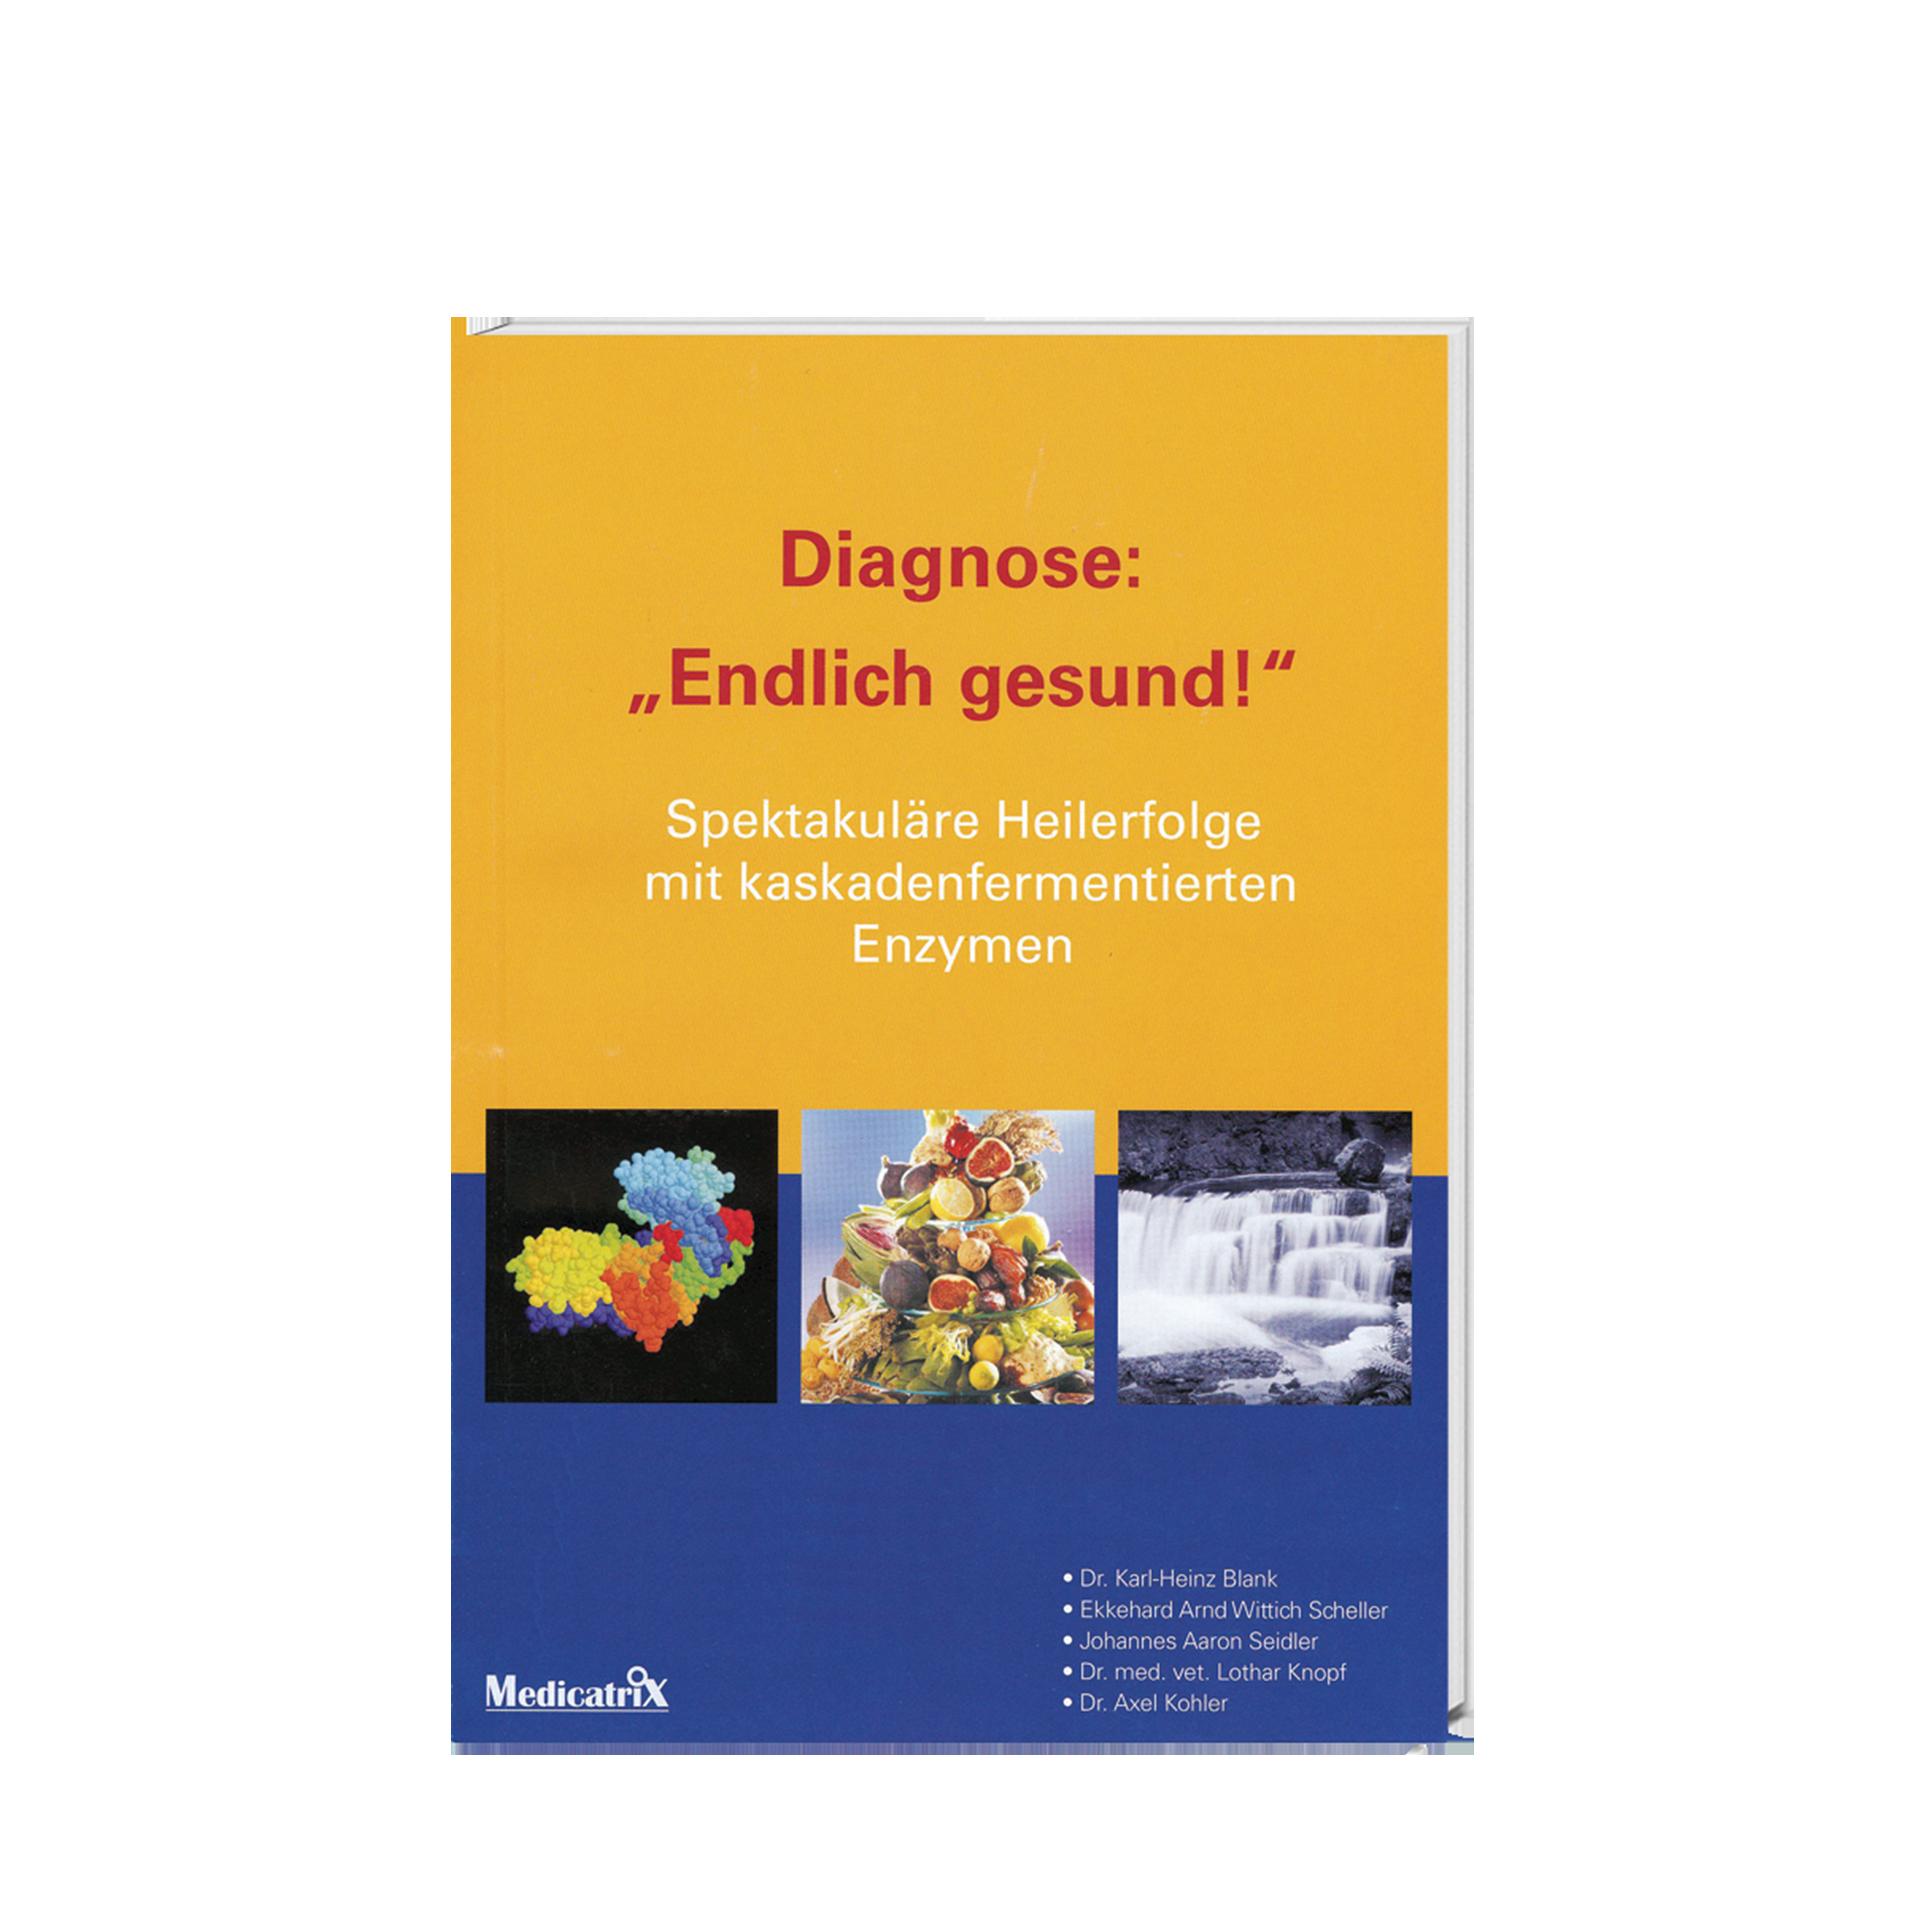 """Diagnose: """"Endlich gesund!"""", 132 Seiten"""